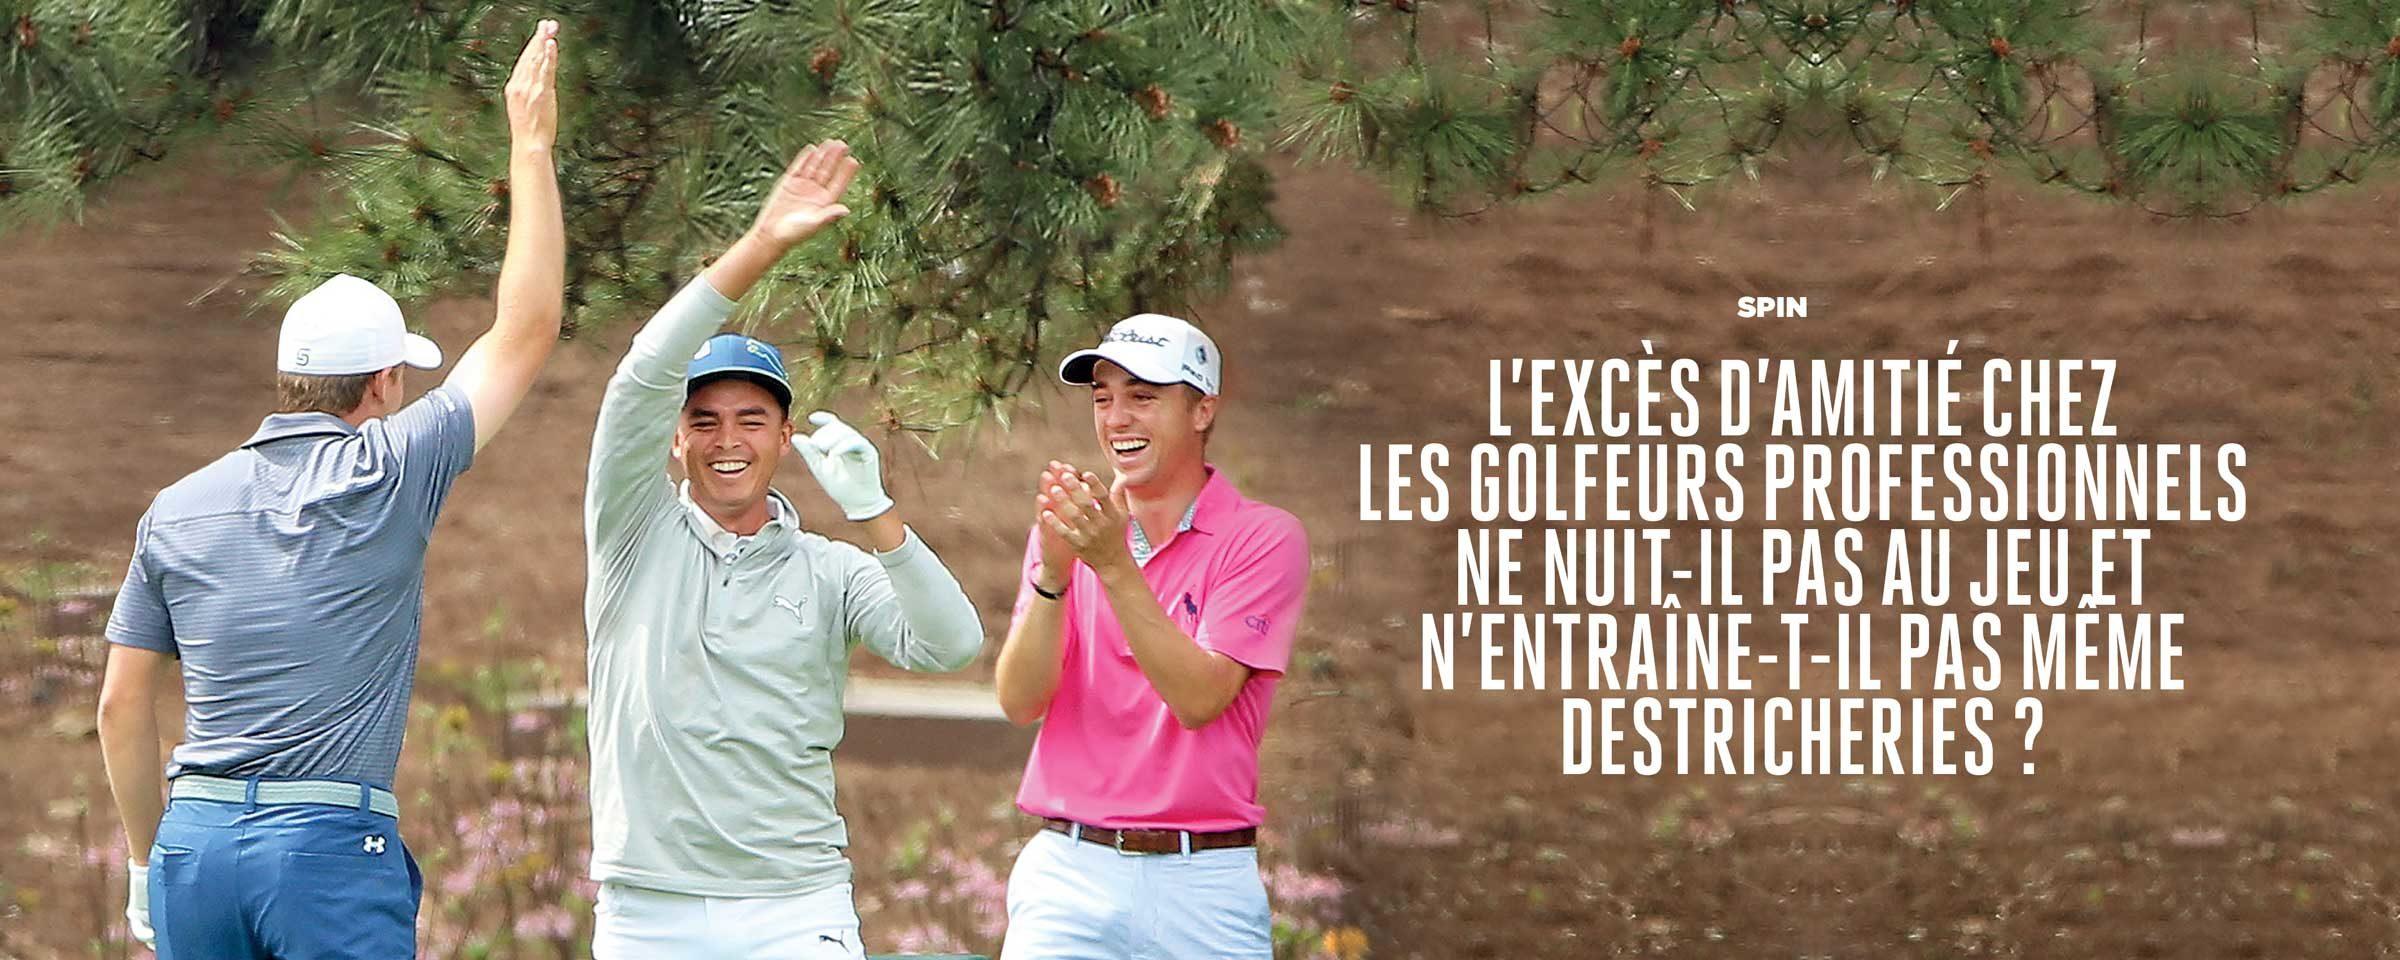 Rivalité dans le golf